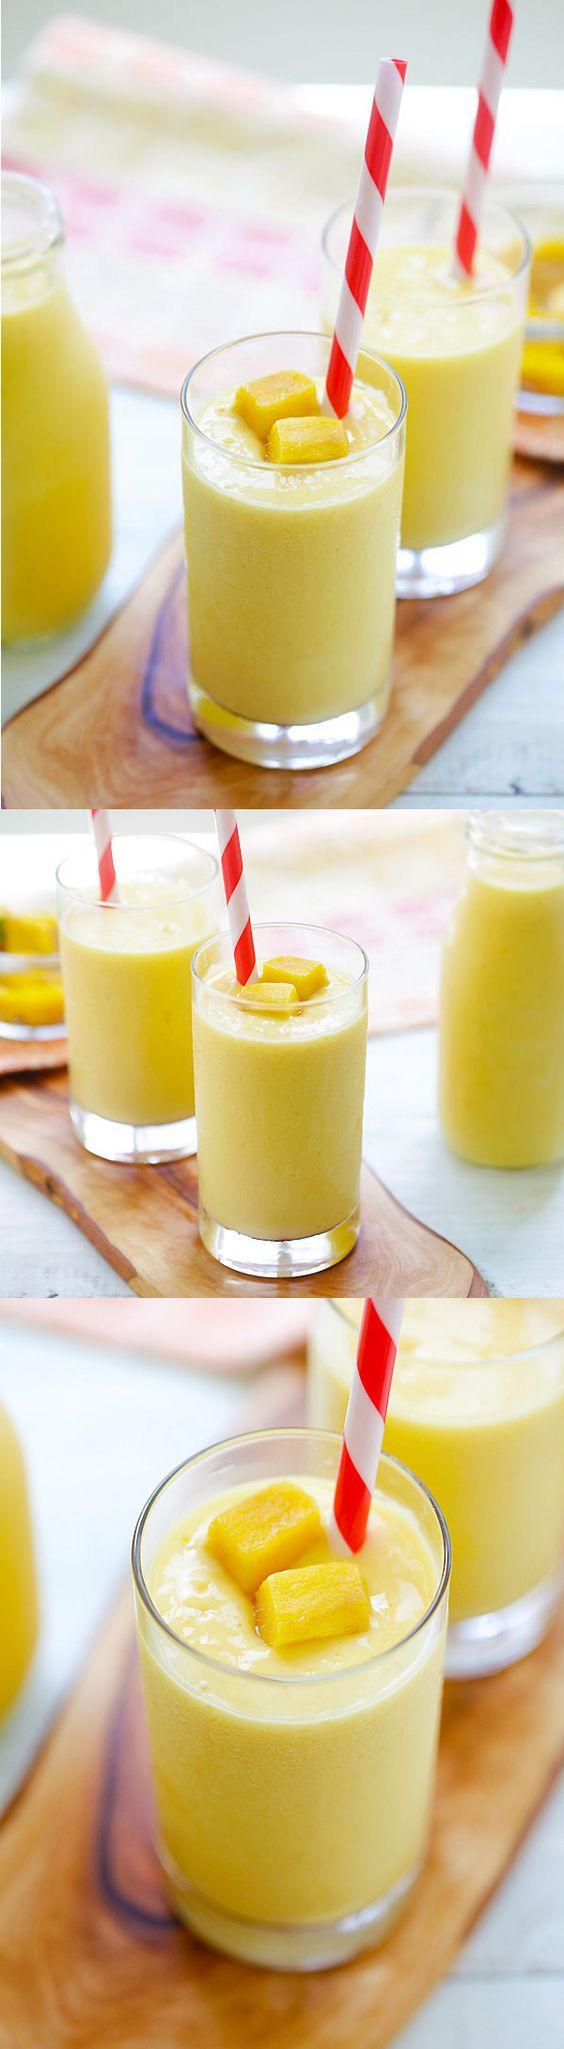 Mango, Smoothie and Yogurt on Pinterest